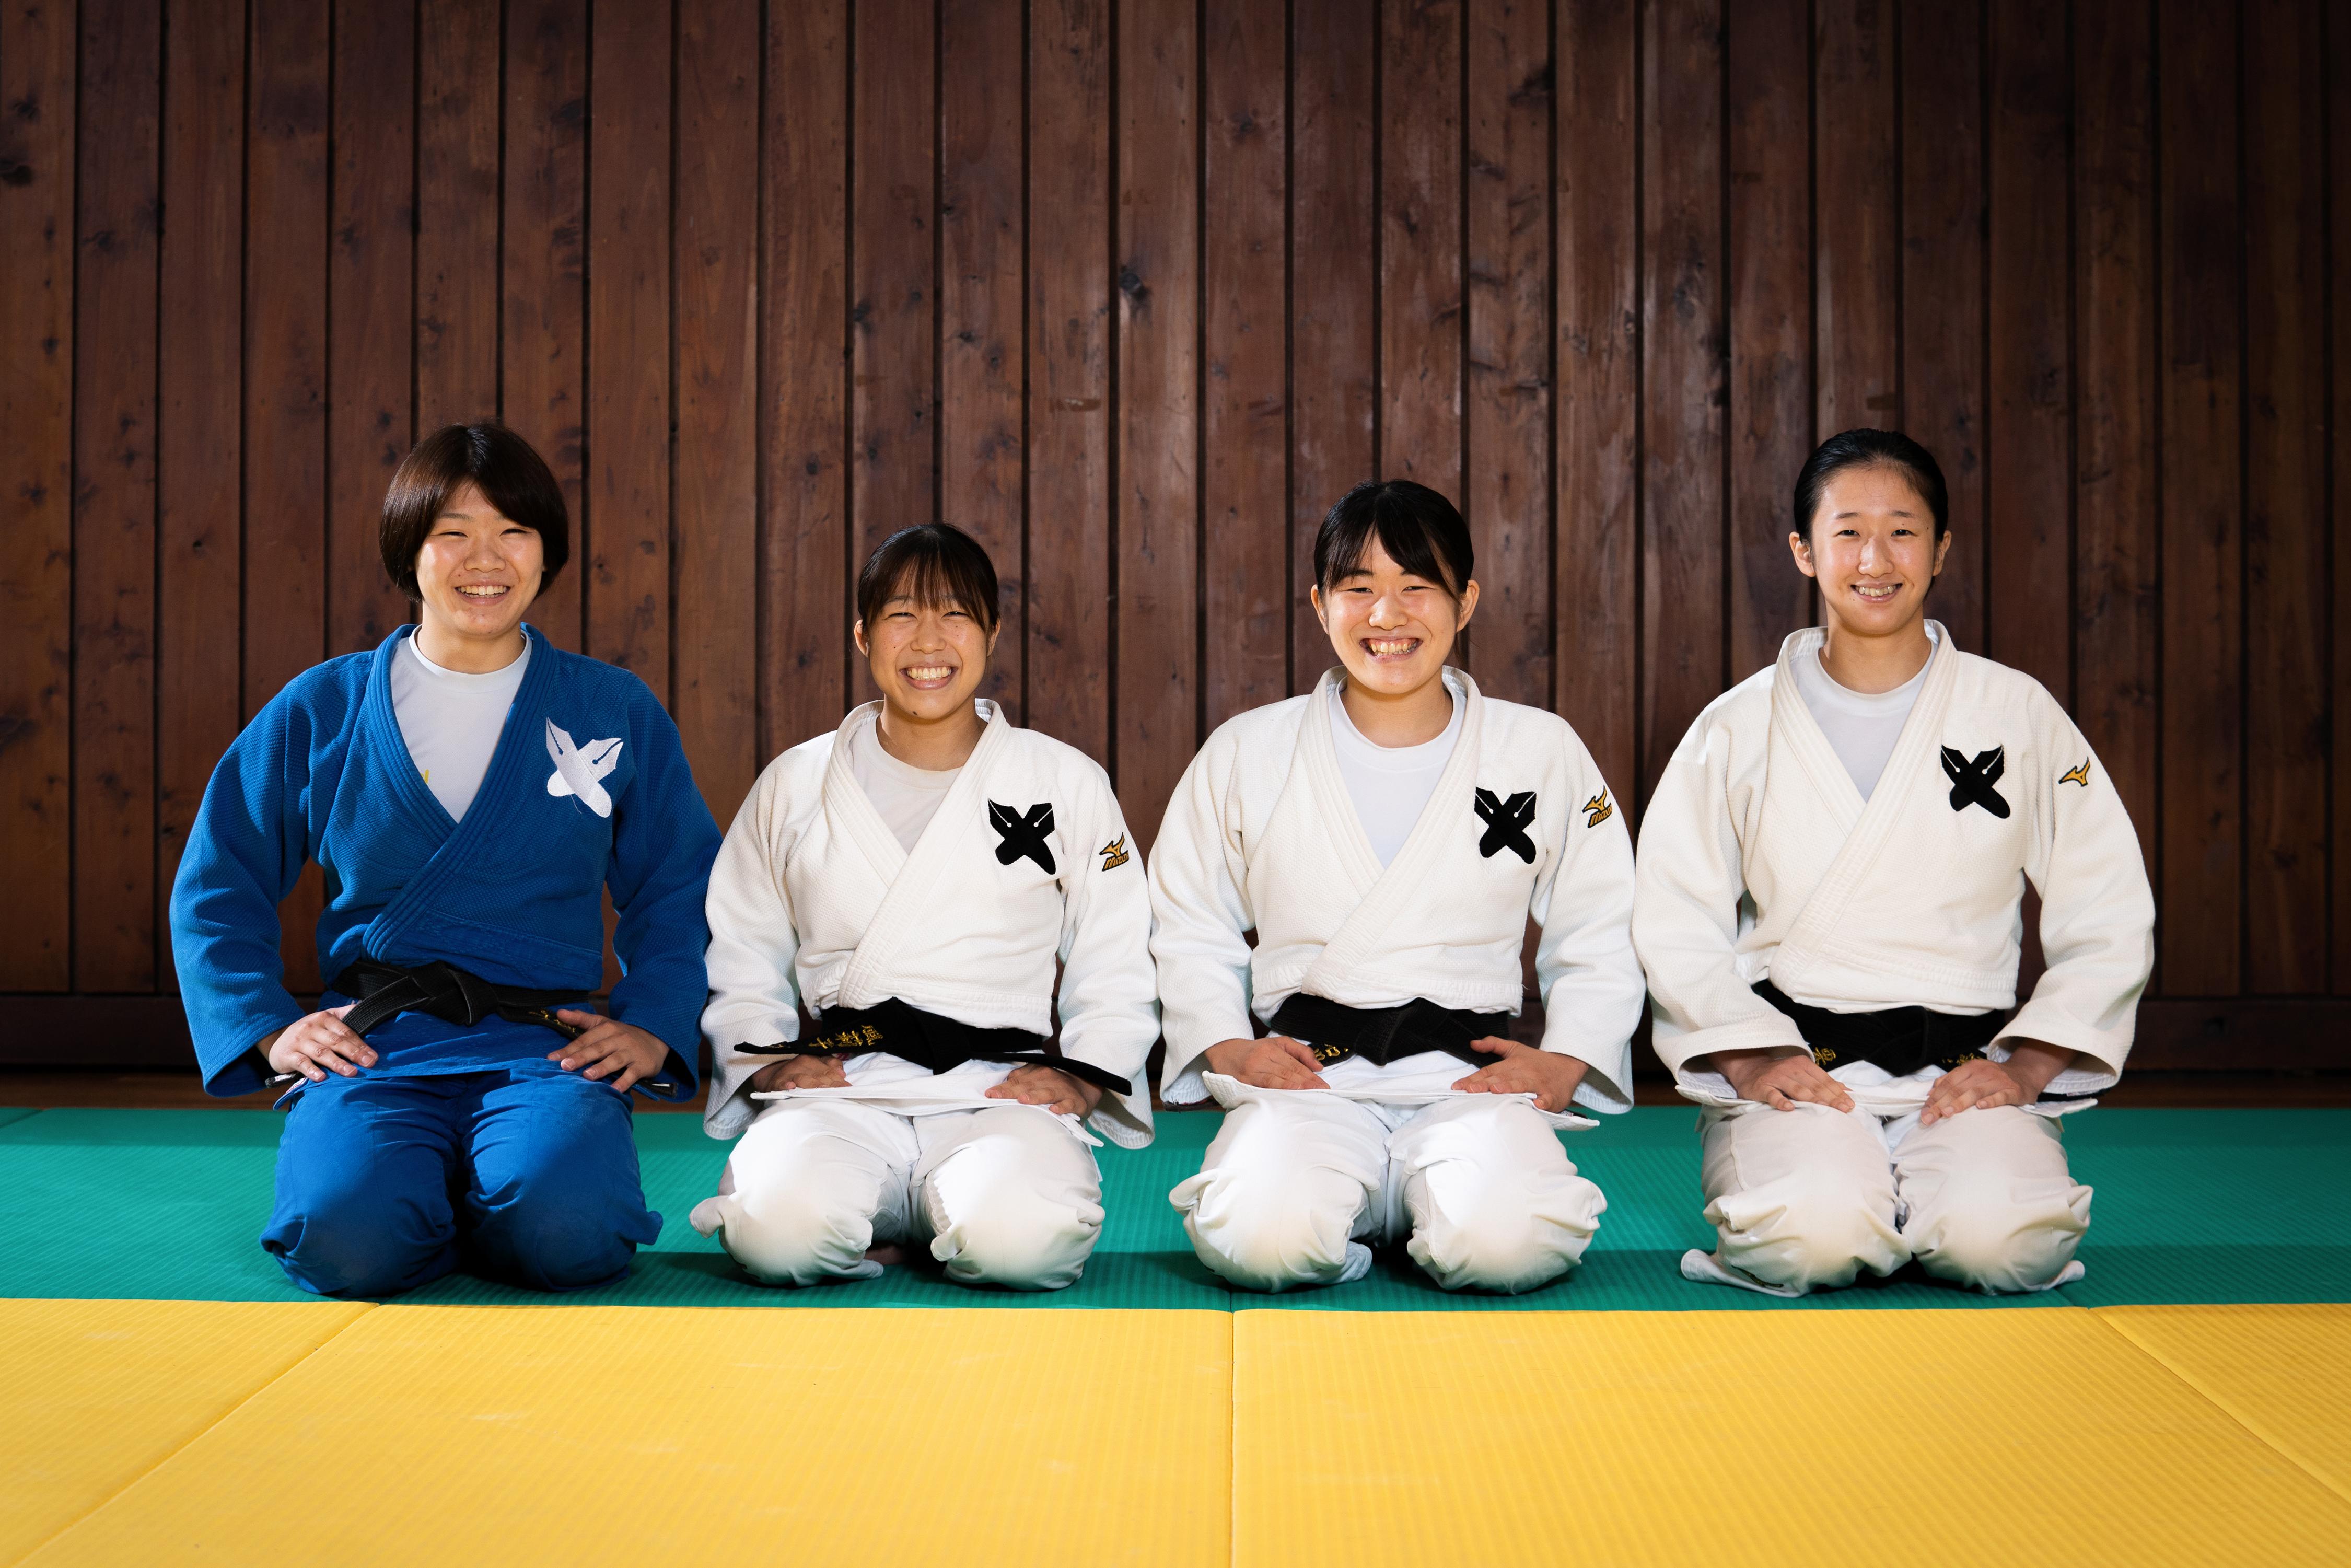 コロナ禍による活動自粛中もオンラインで一緒にトレーニングした女子柔道部4人組